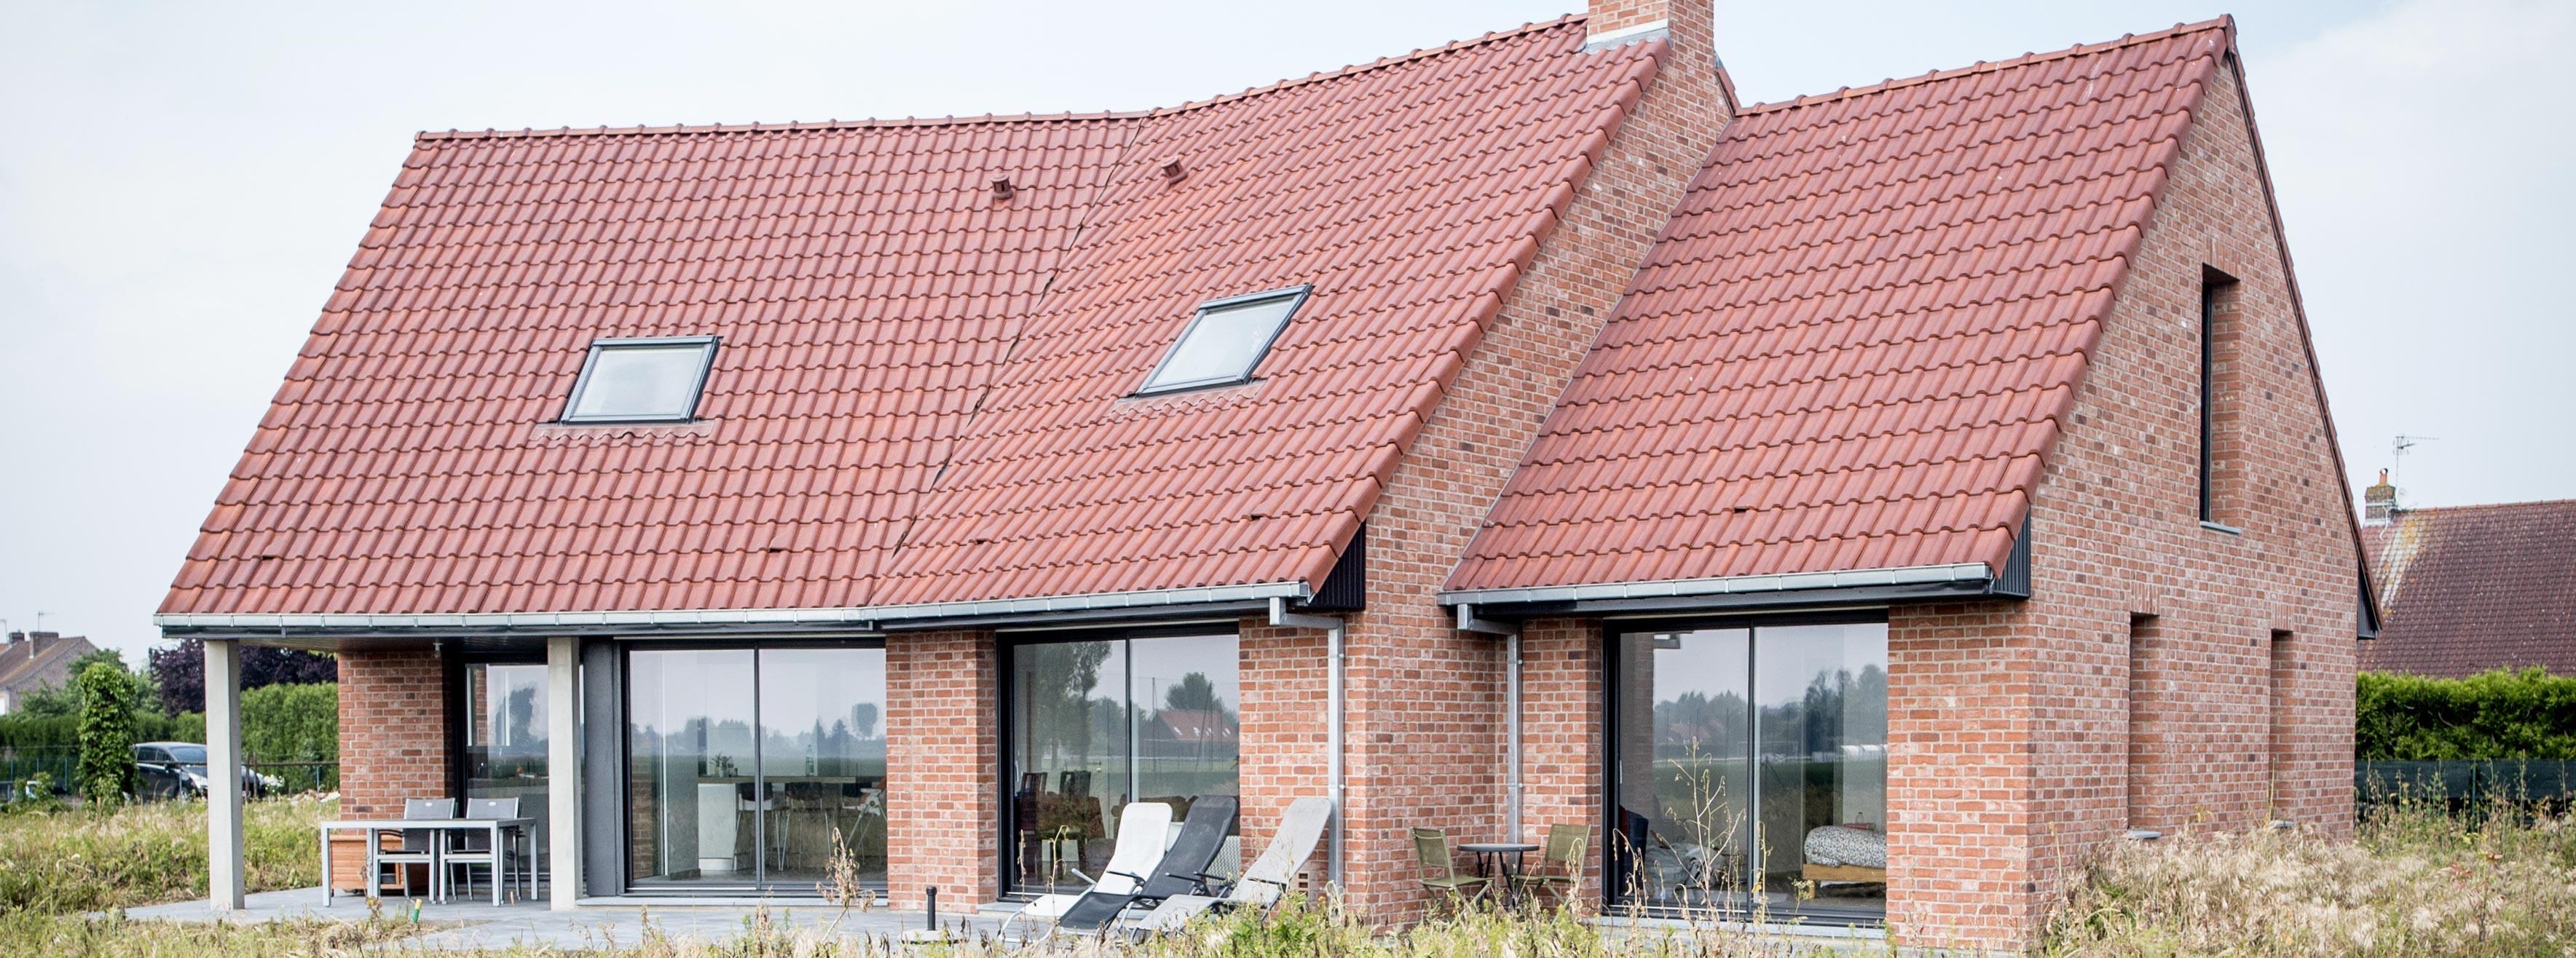 Maison traditionnelle briques croisées